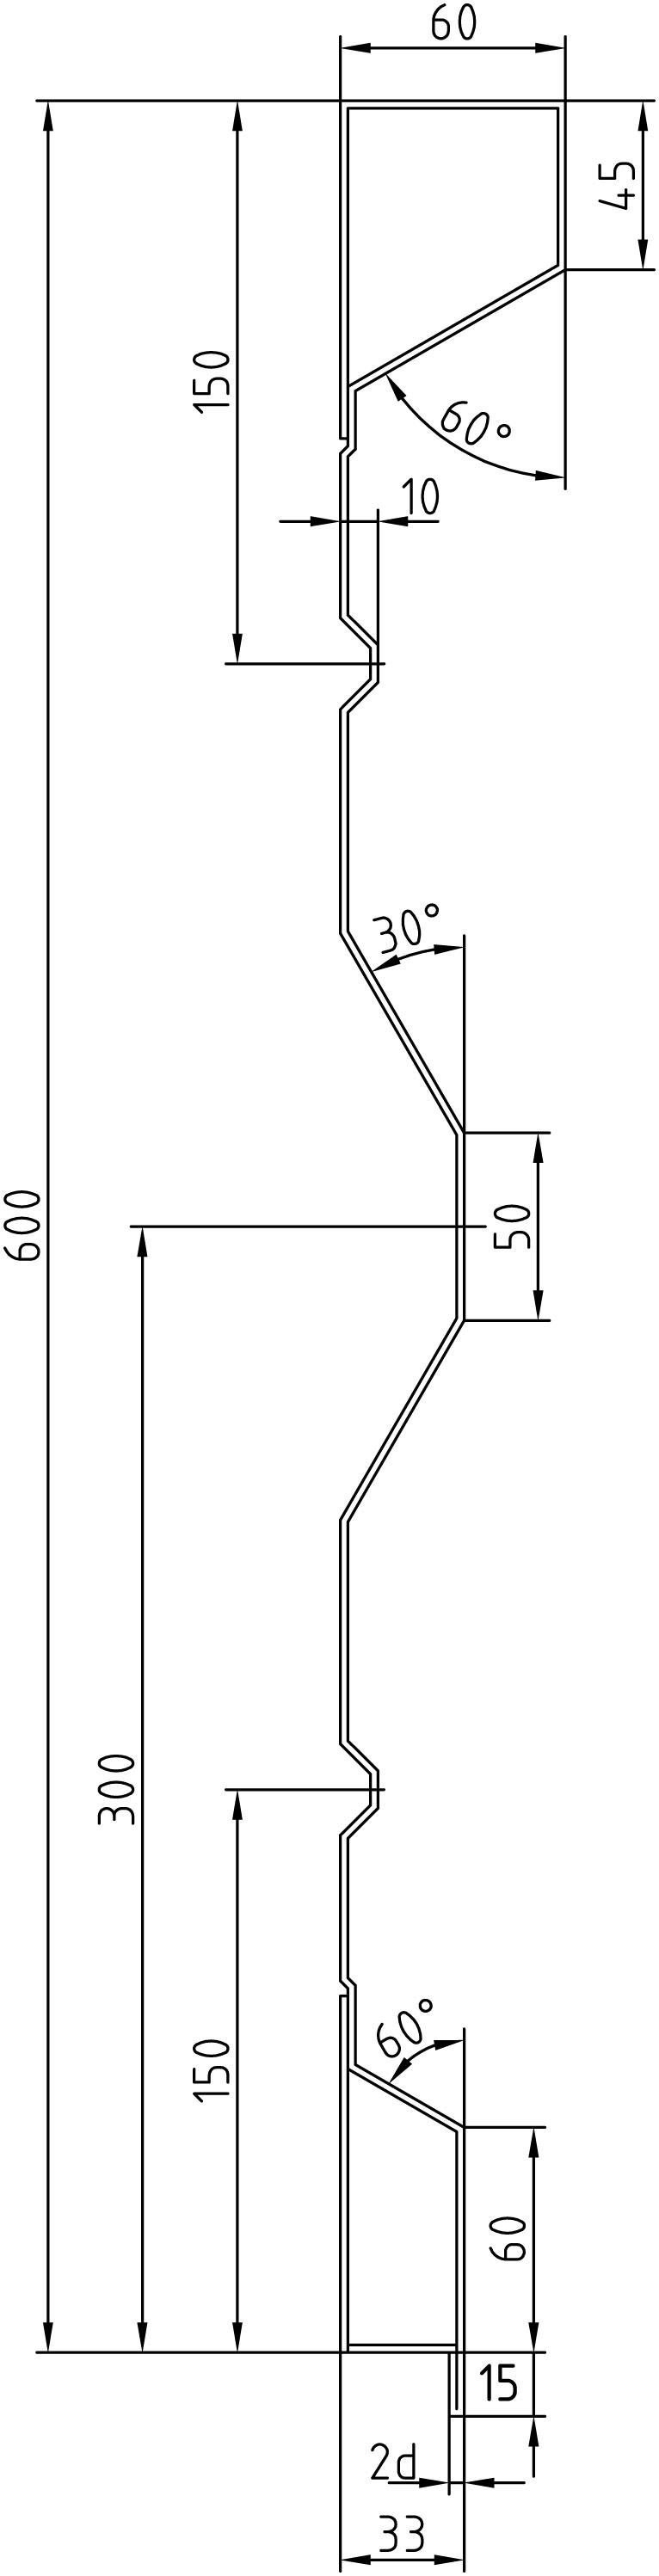 Brantner Kipper und Anhänger - 600x2,5x5035 sideboards with trailing edges